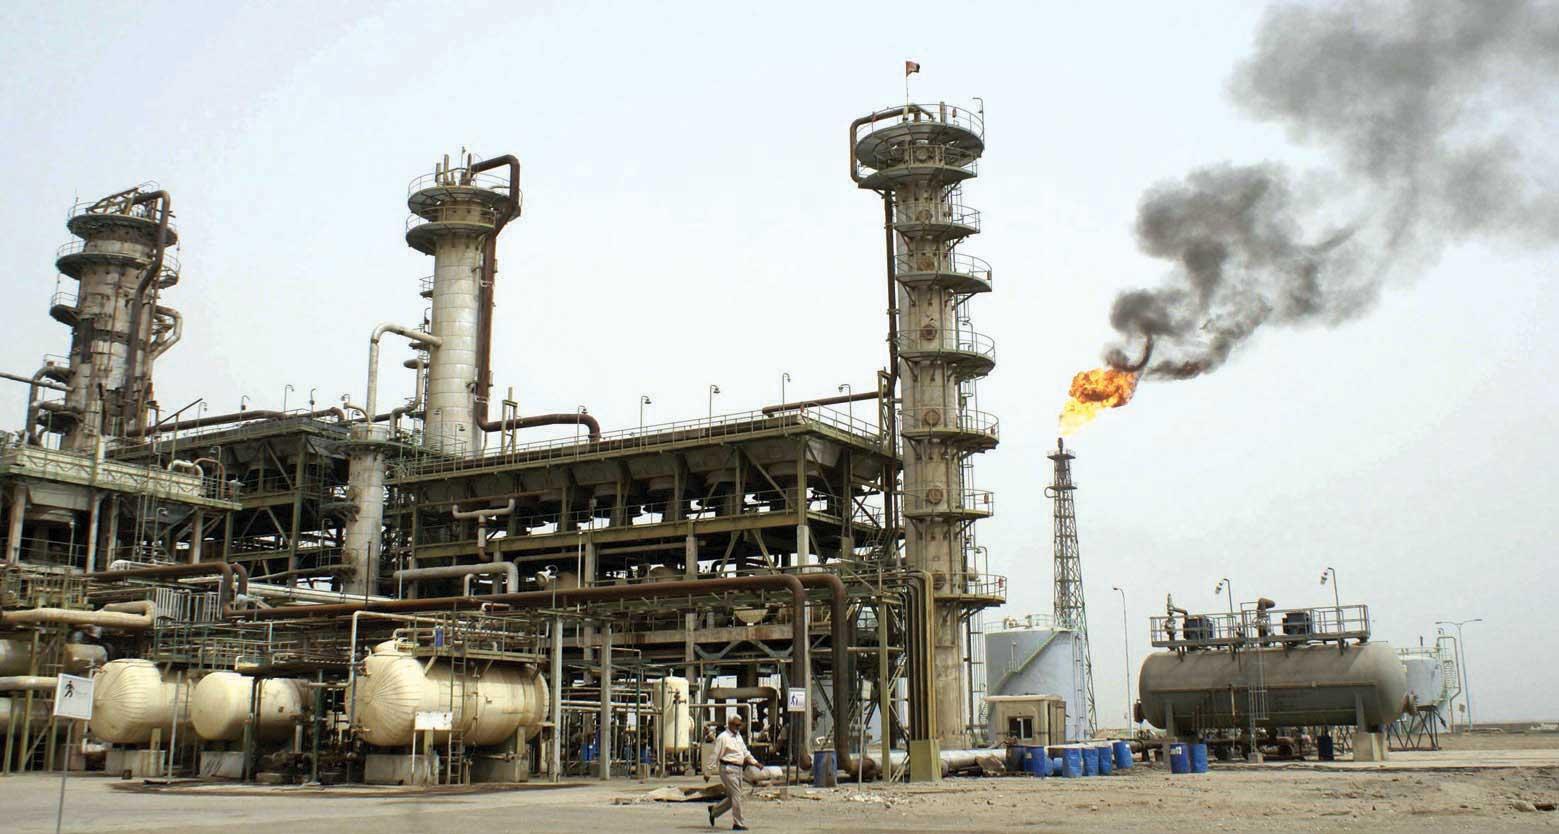 النفط ينهي العام 2015 متراجعاً لحدود 37 دولار للبرميل الواحد